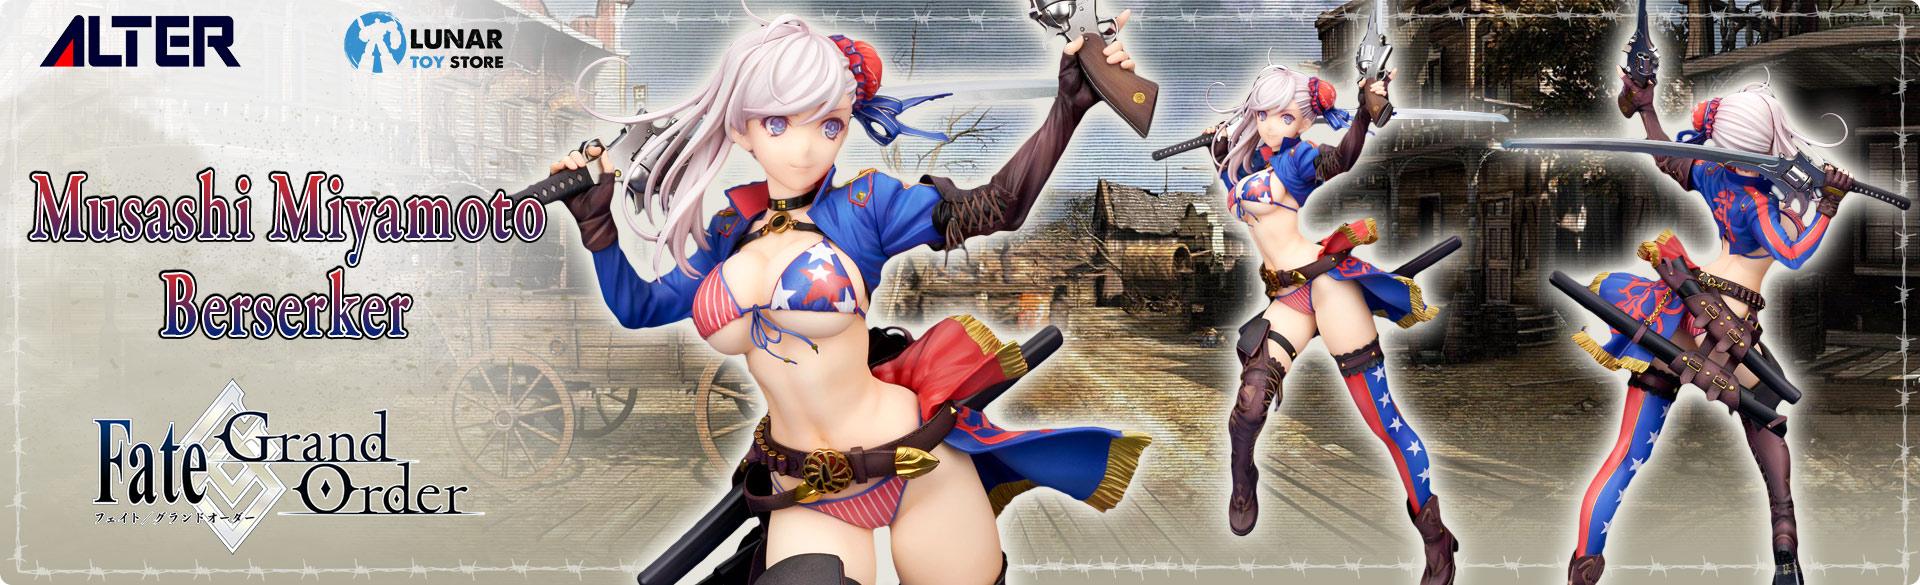 Berserker - Musashi Miyamoto